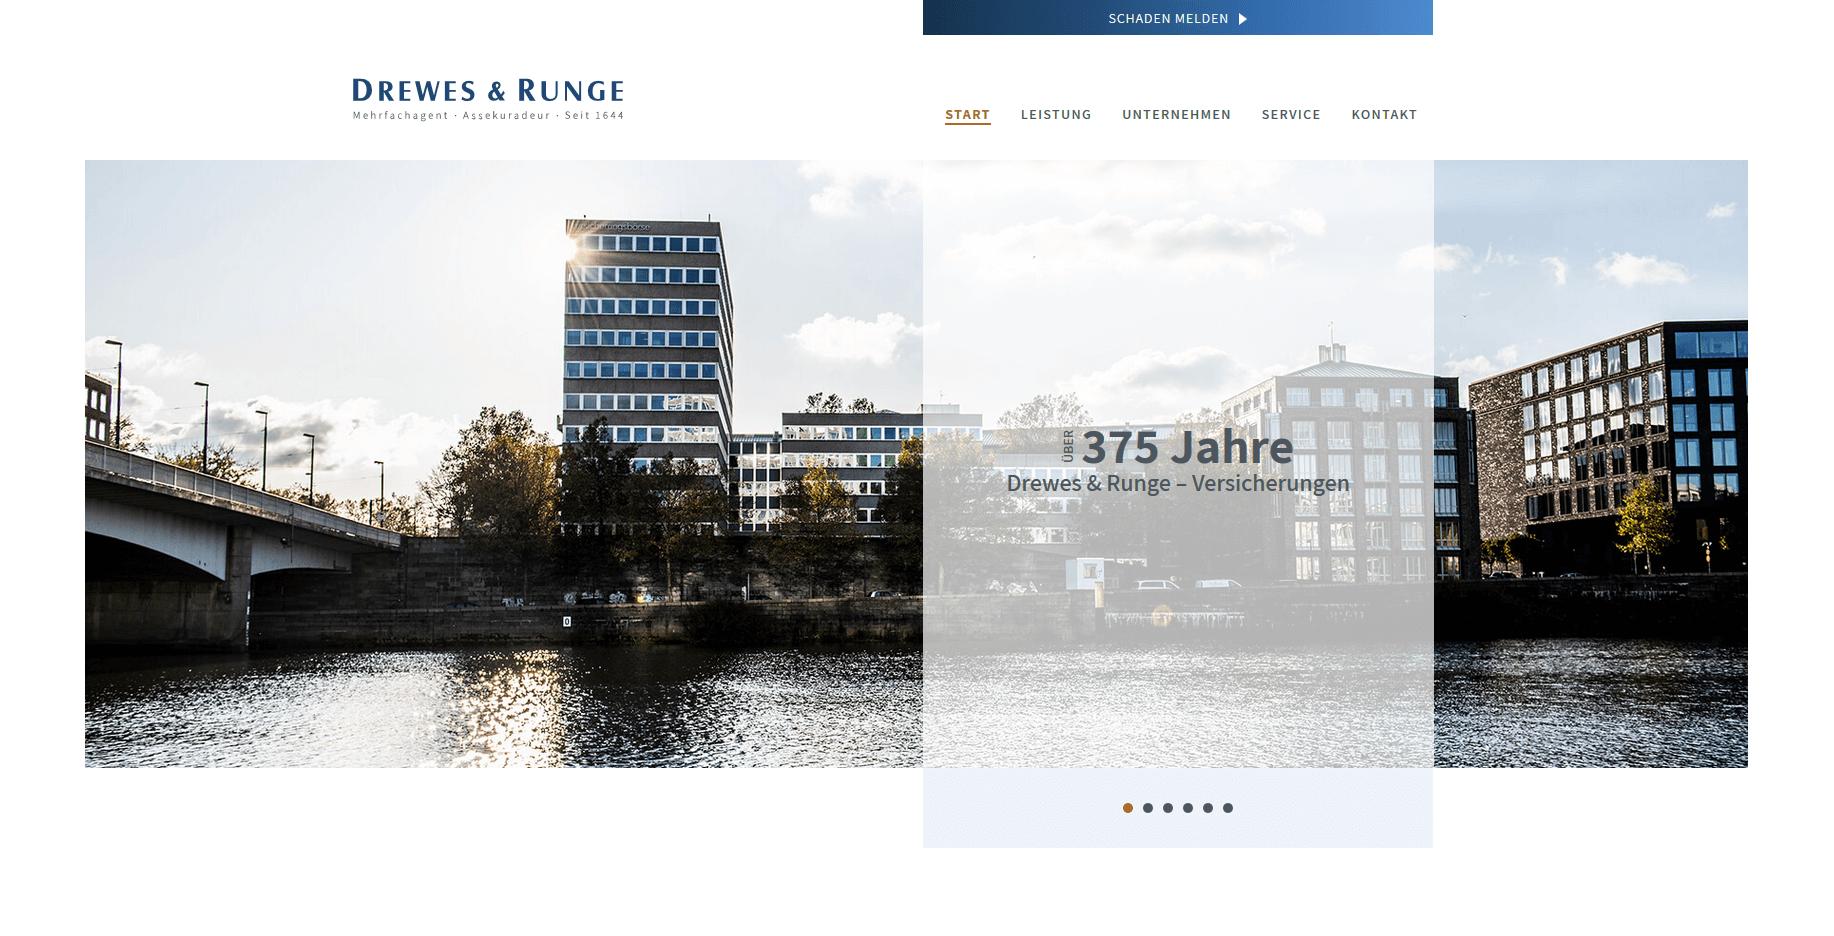 Drewes & Runge GmbH & Co. KG